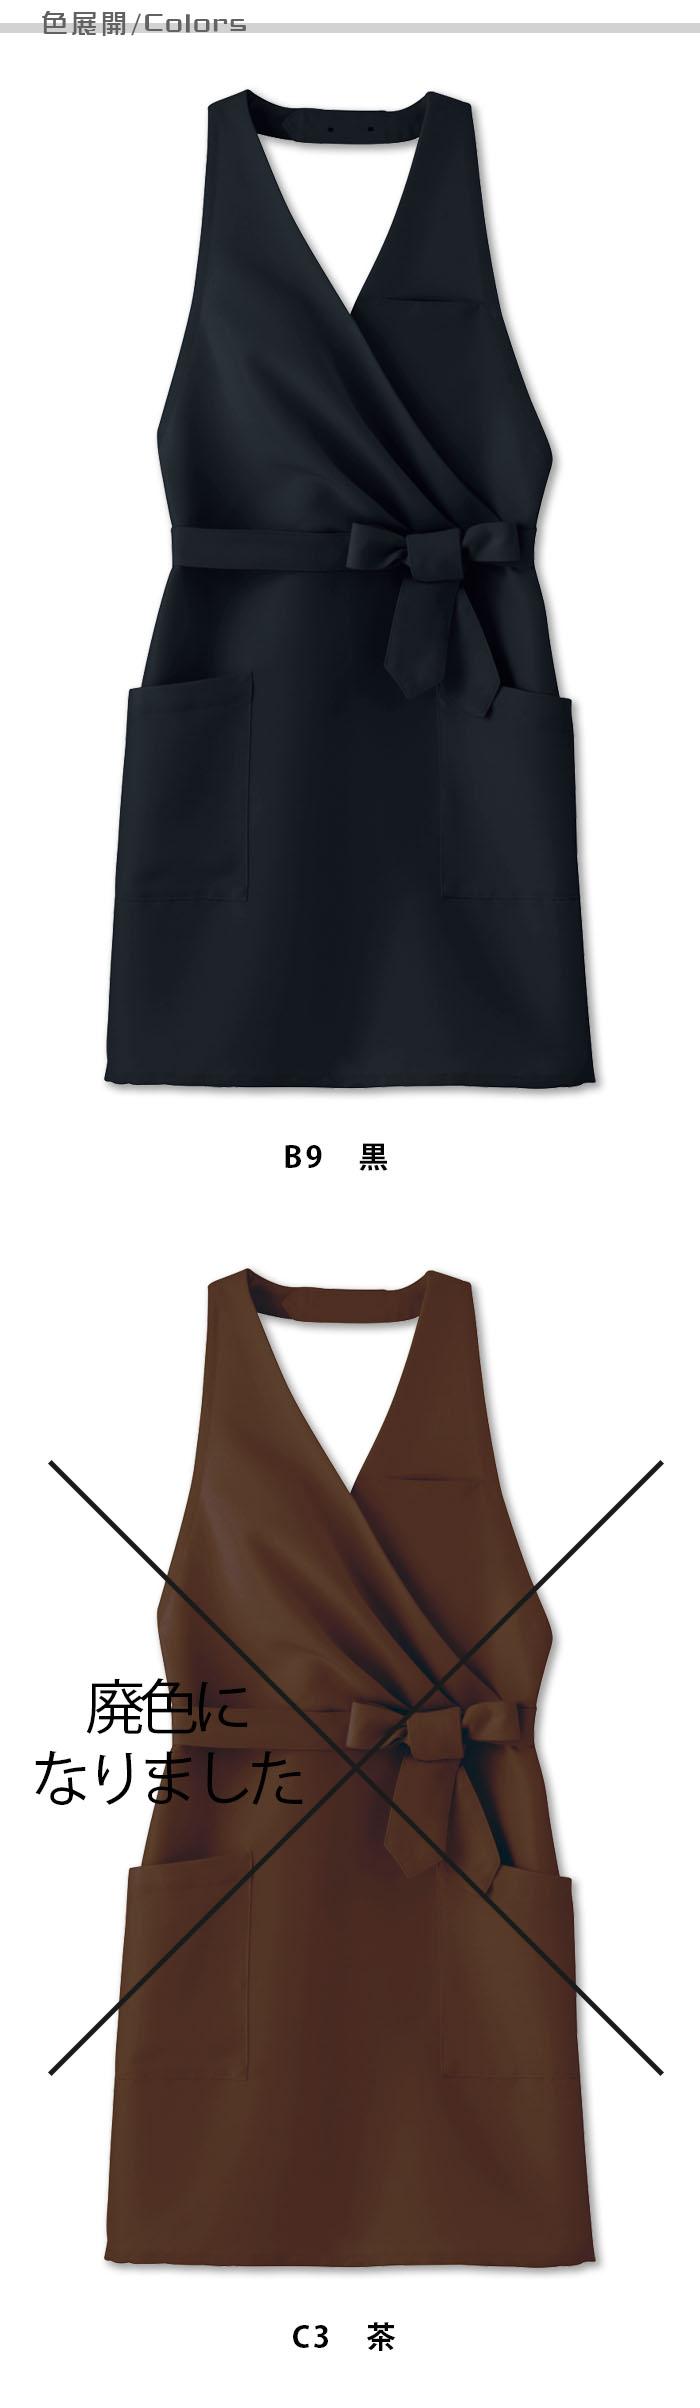 飲食店販売制服 4色から選べるコーデしやすい胸あてエプロン 撥水・撥油・制電 女性用  商品色展開説明